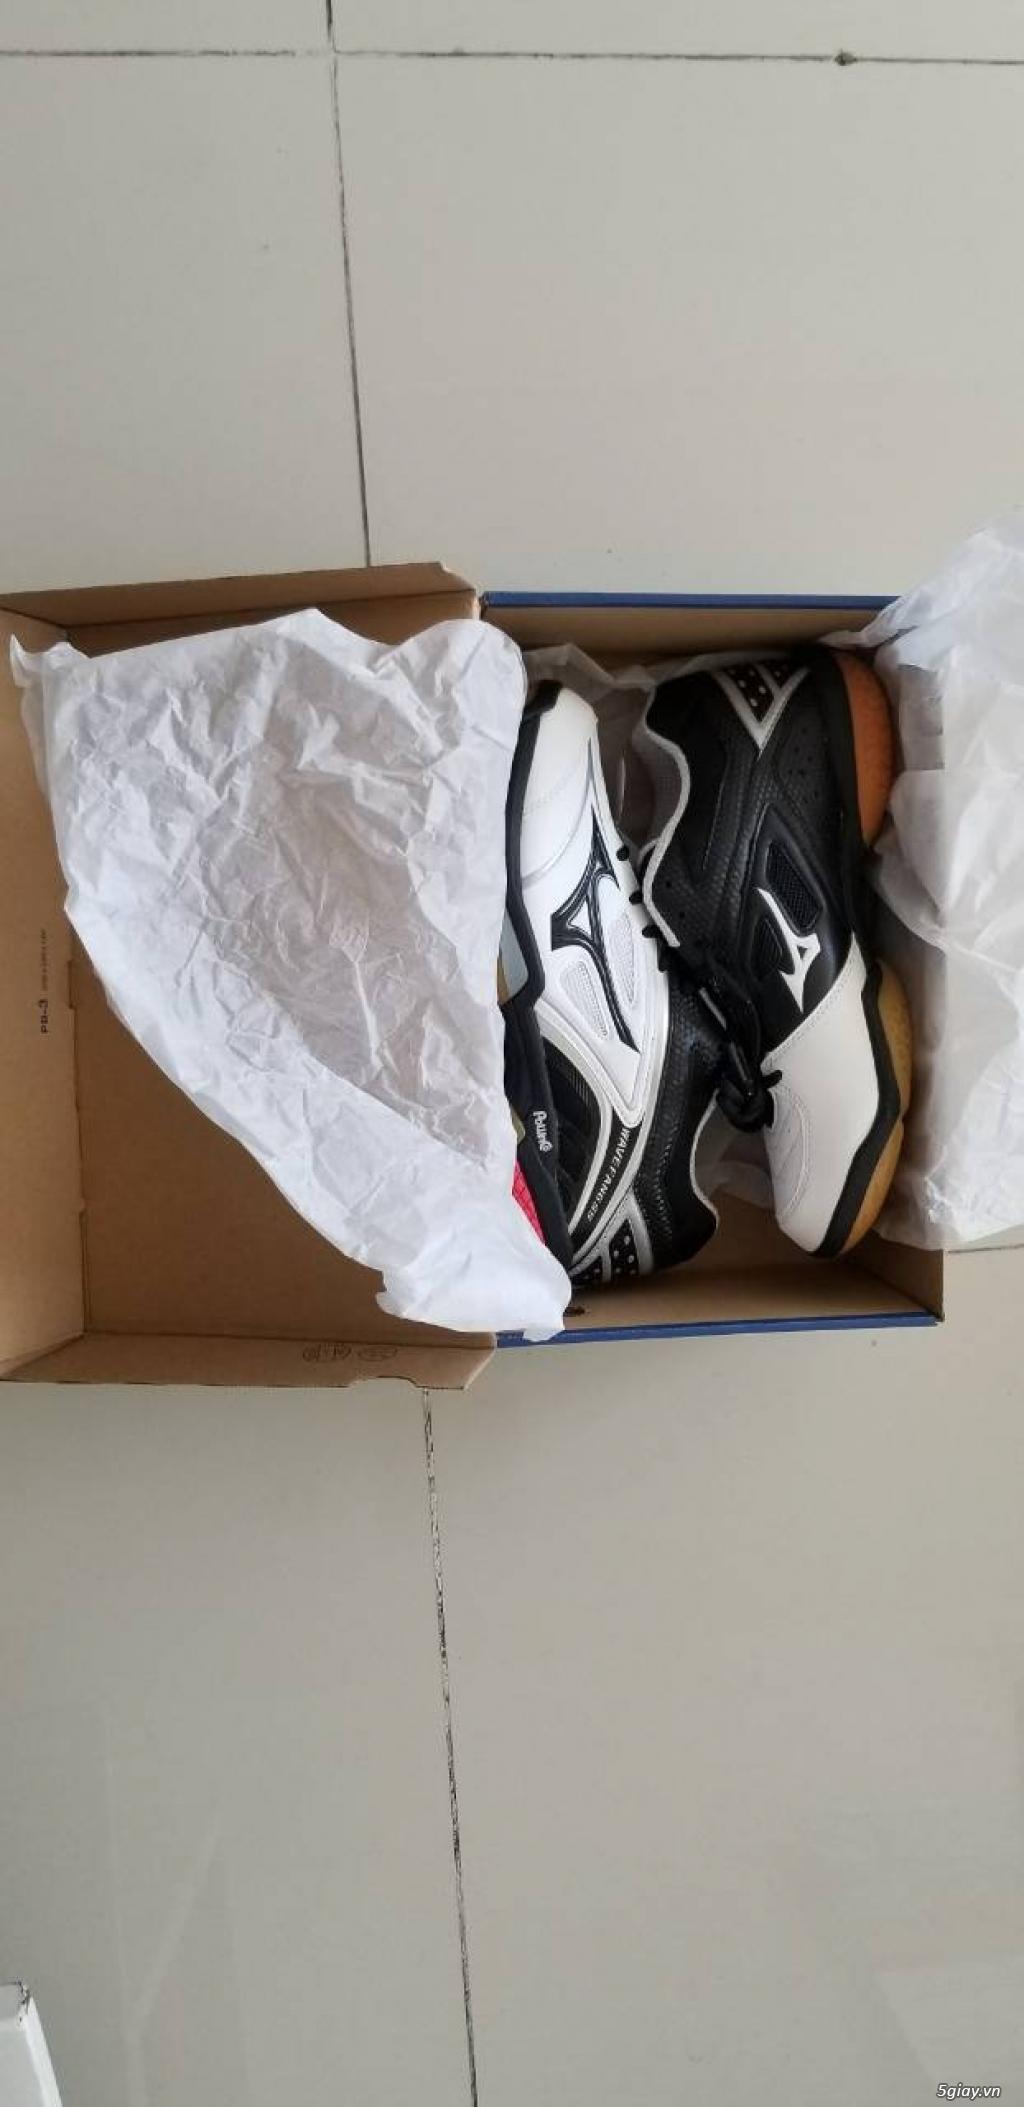 HCM Bán: giày chơi cầu lông Mizuno mới 100% - 2